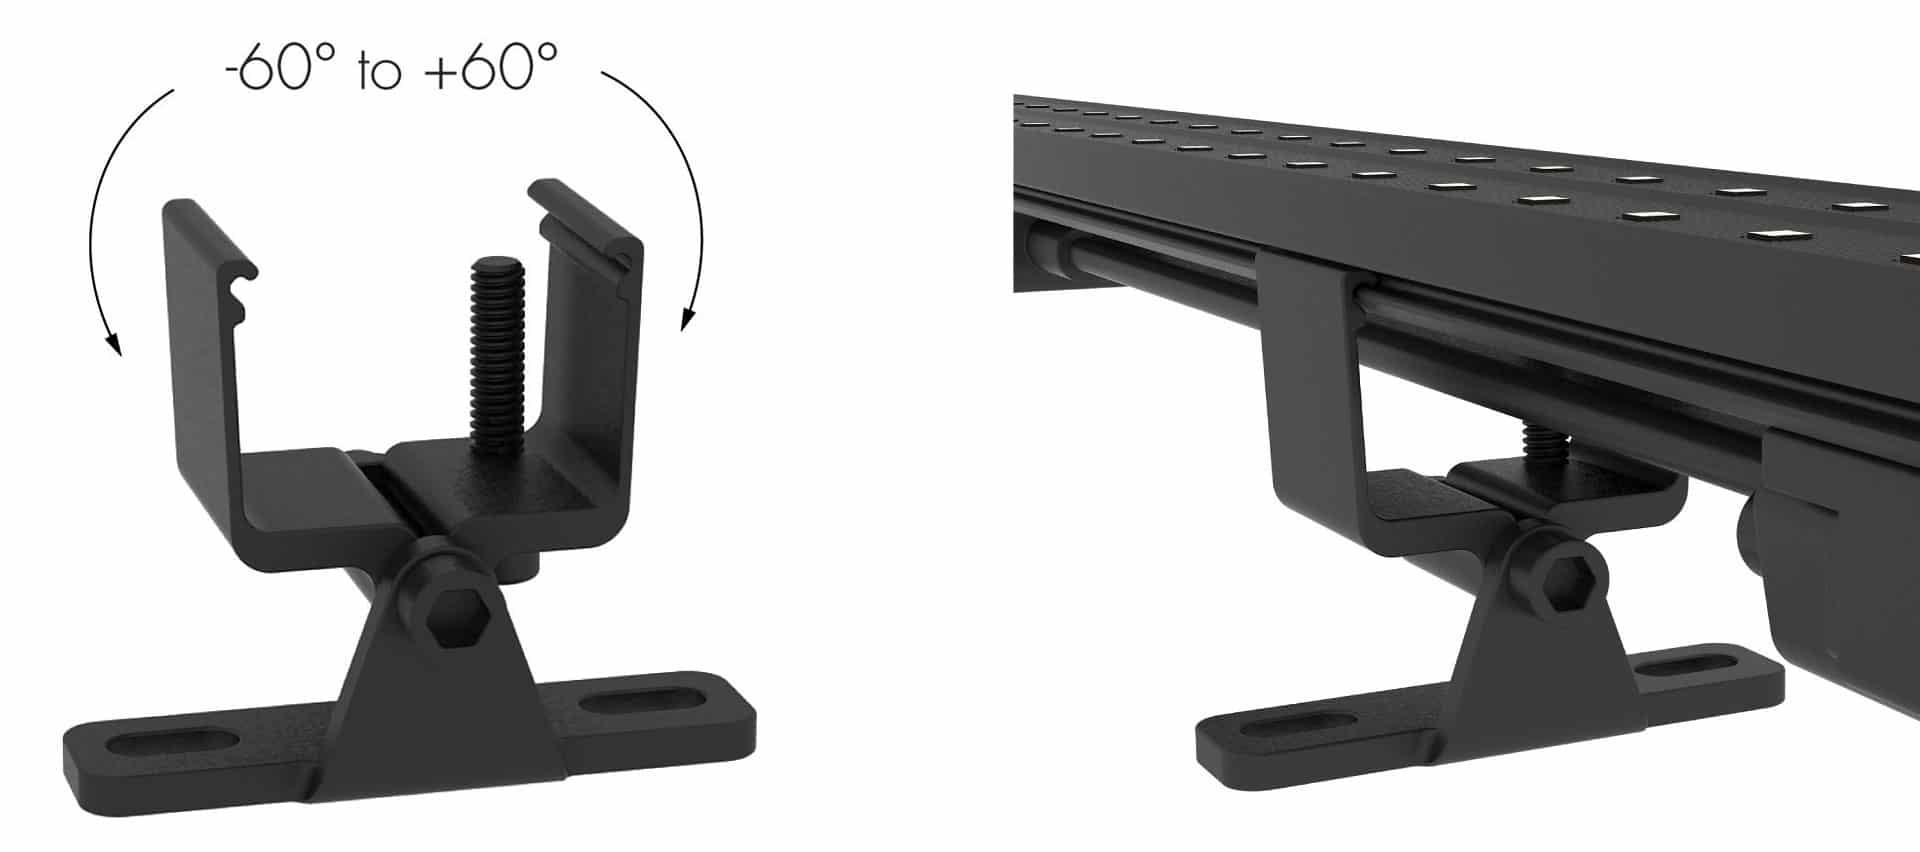 led strip video Adjustable Bracket